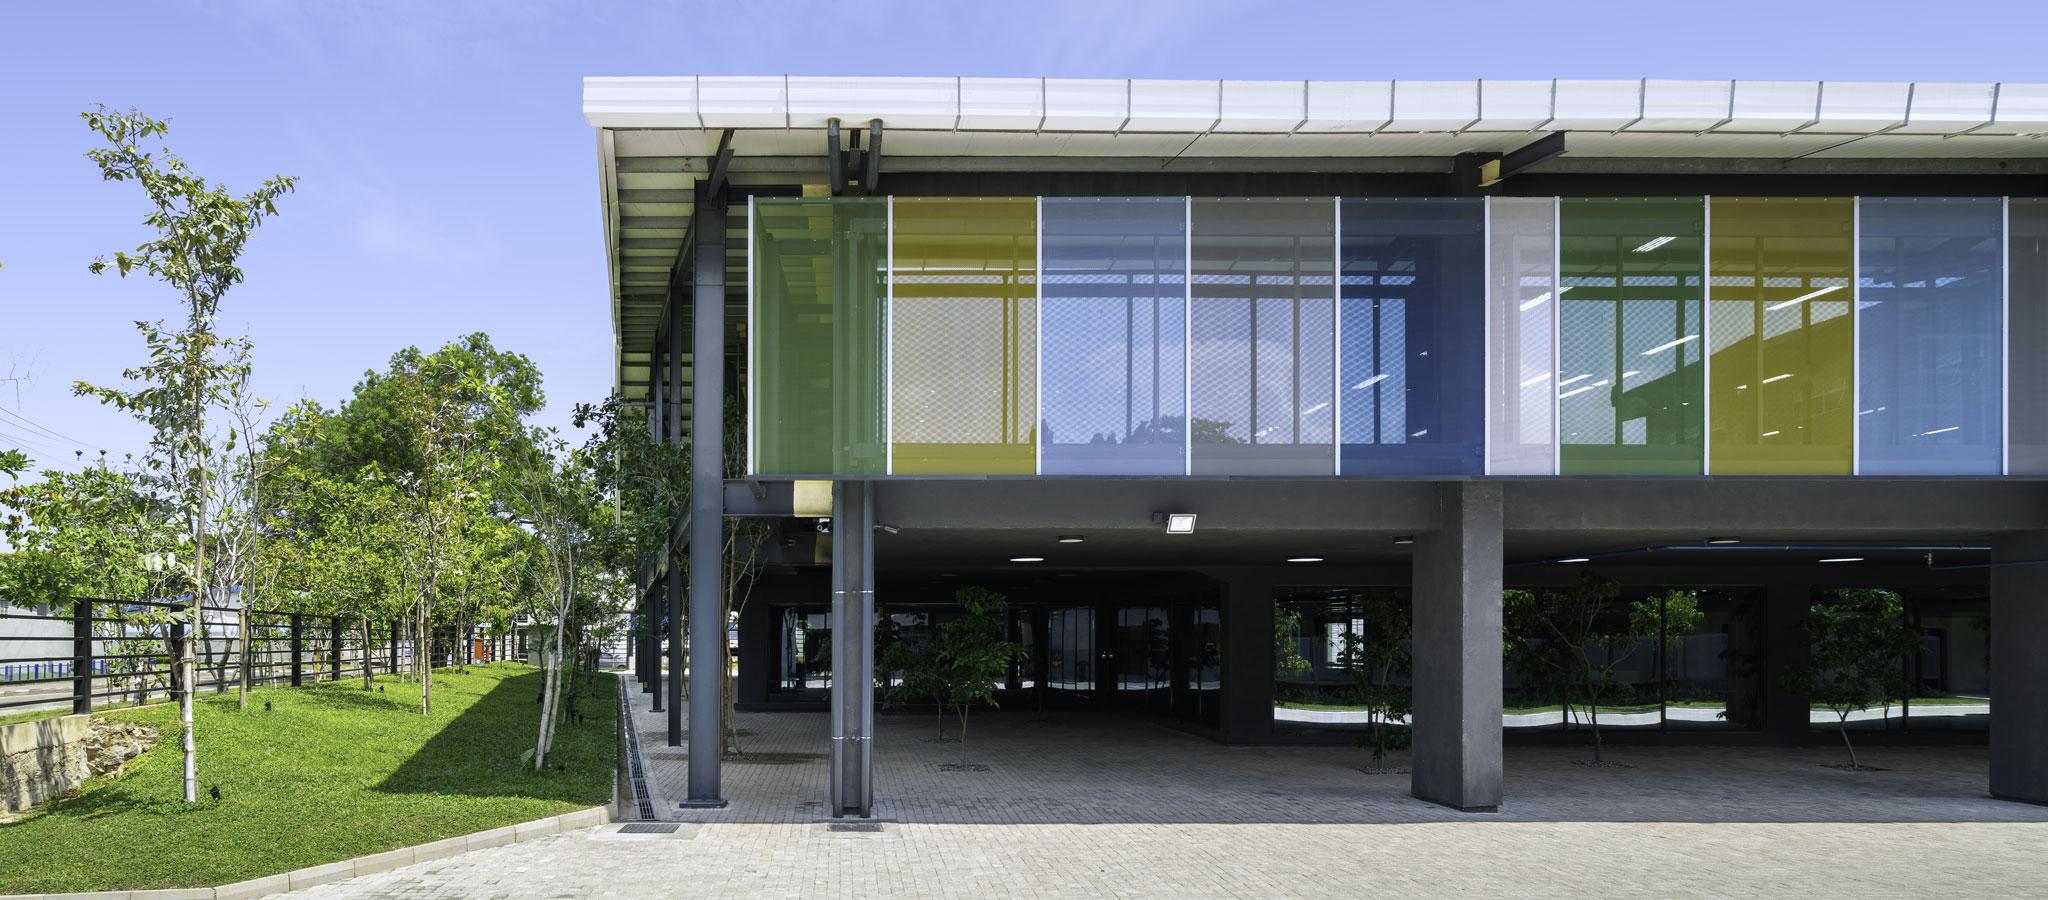 Vista exterior. Jordan Parnass Digital Architecture hace historia con la certificación de la construcción de la primera casa pasiva en el sur de Asia. Fotografía por Ganidu Balasuriya